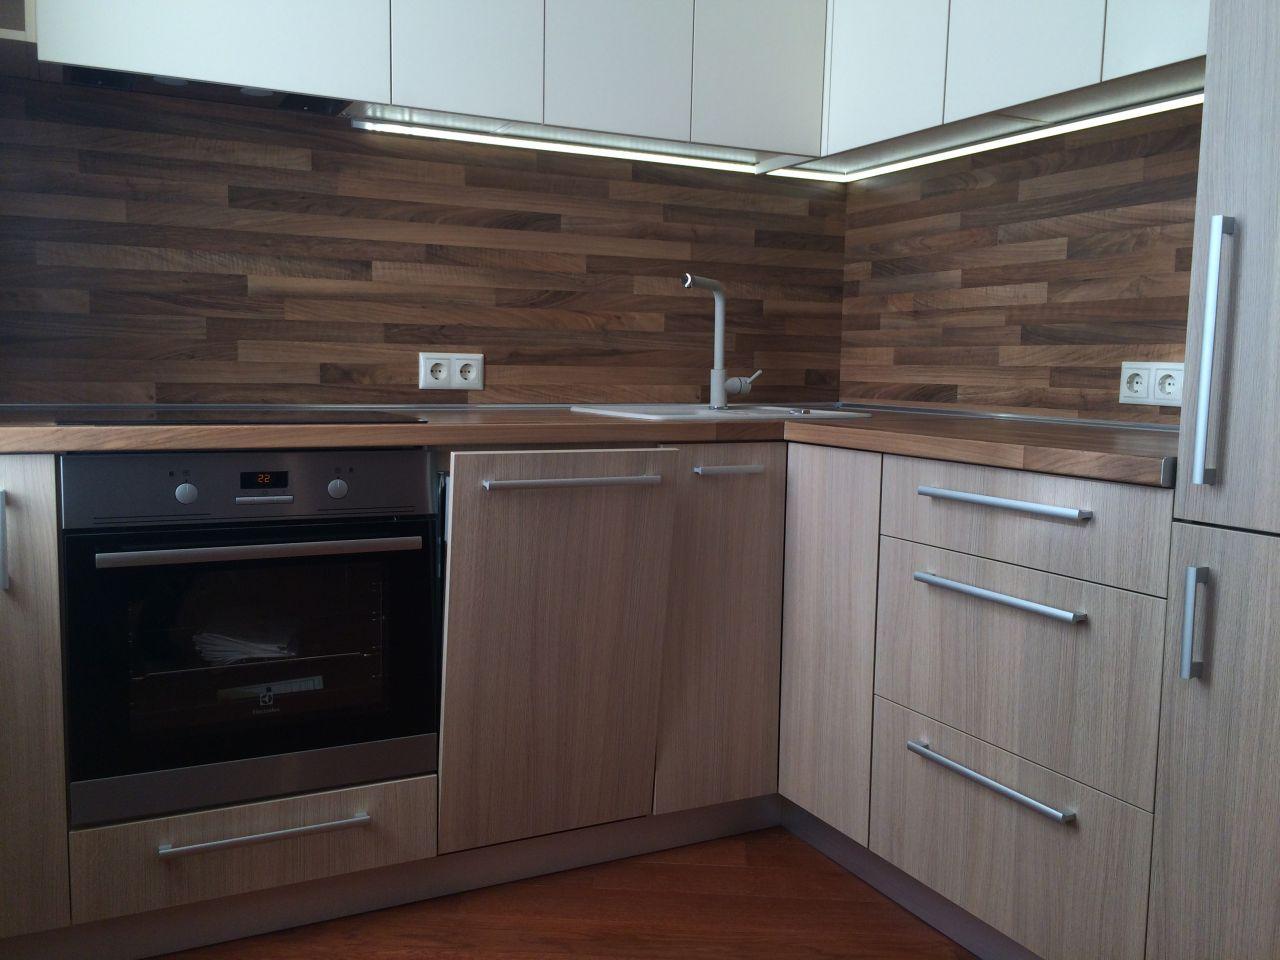 Квартира в Риге, Латвия, 60 м2 - фото 1